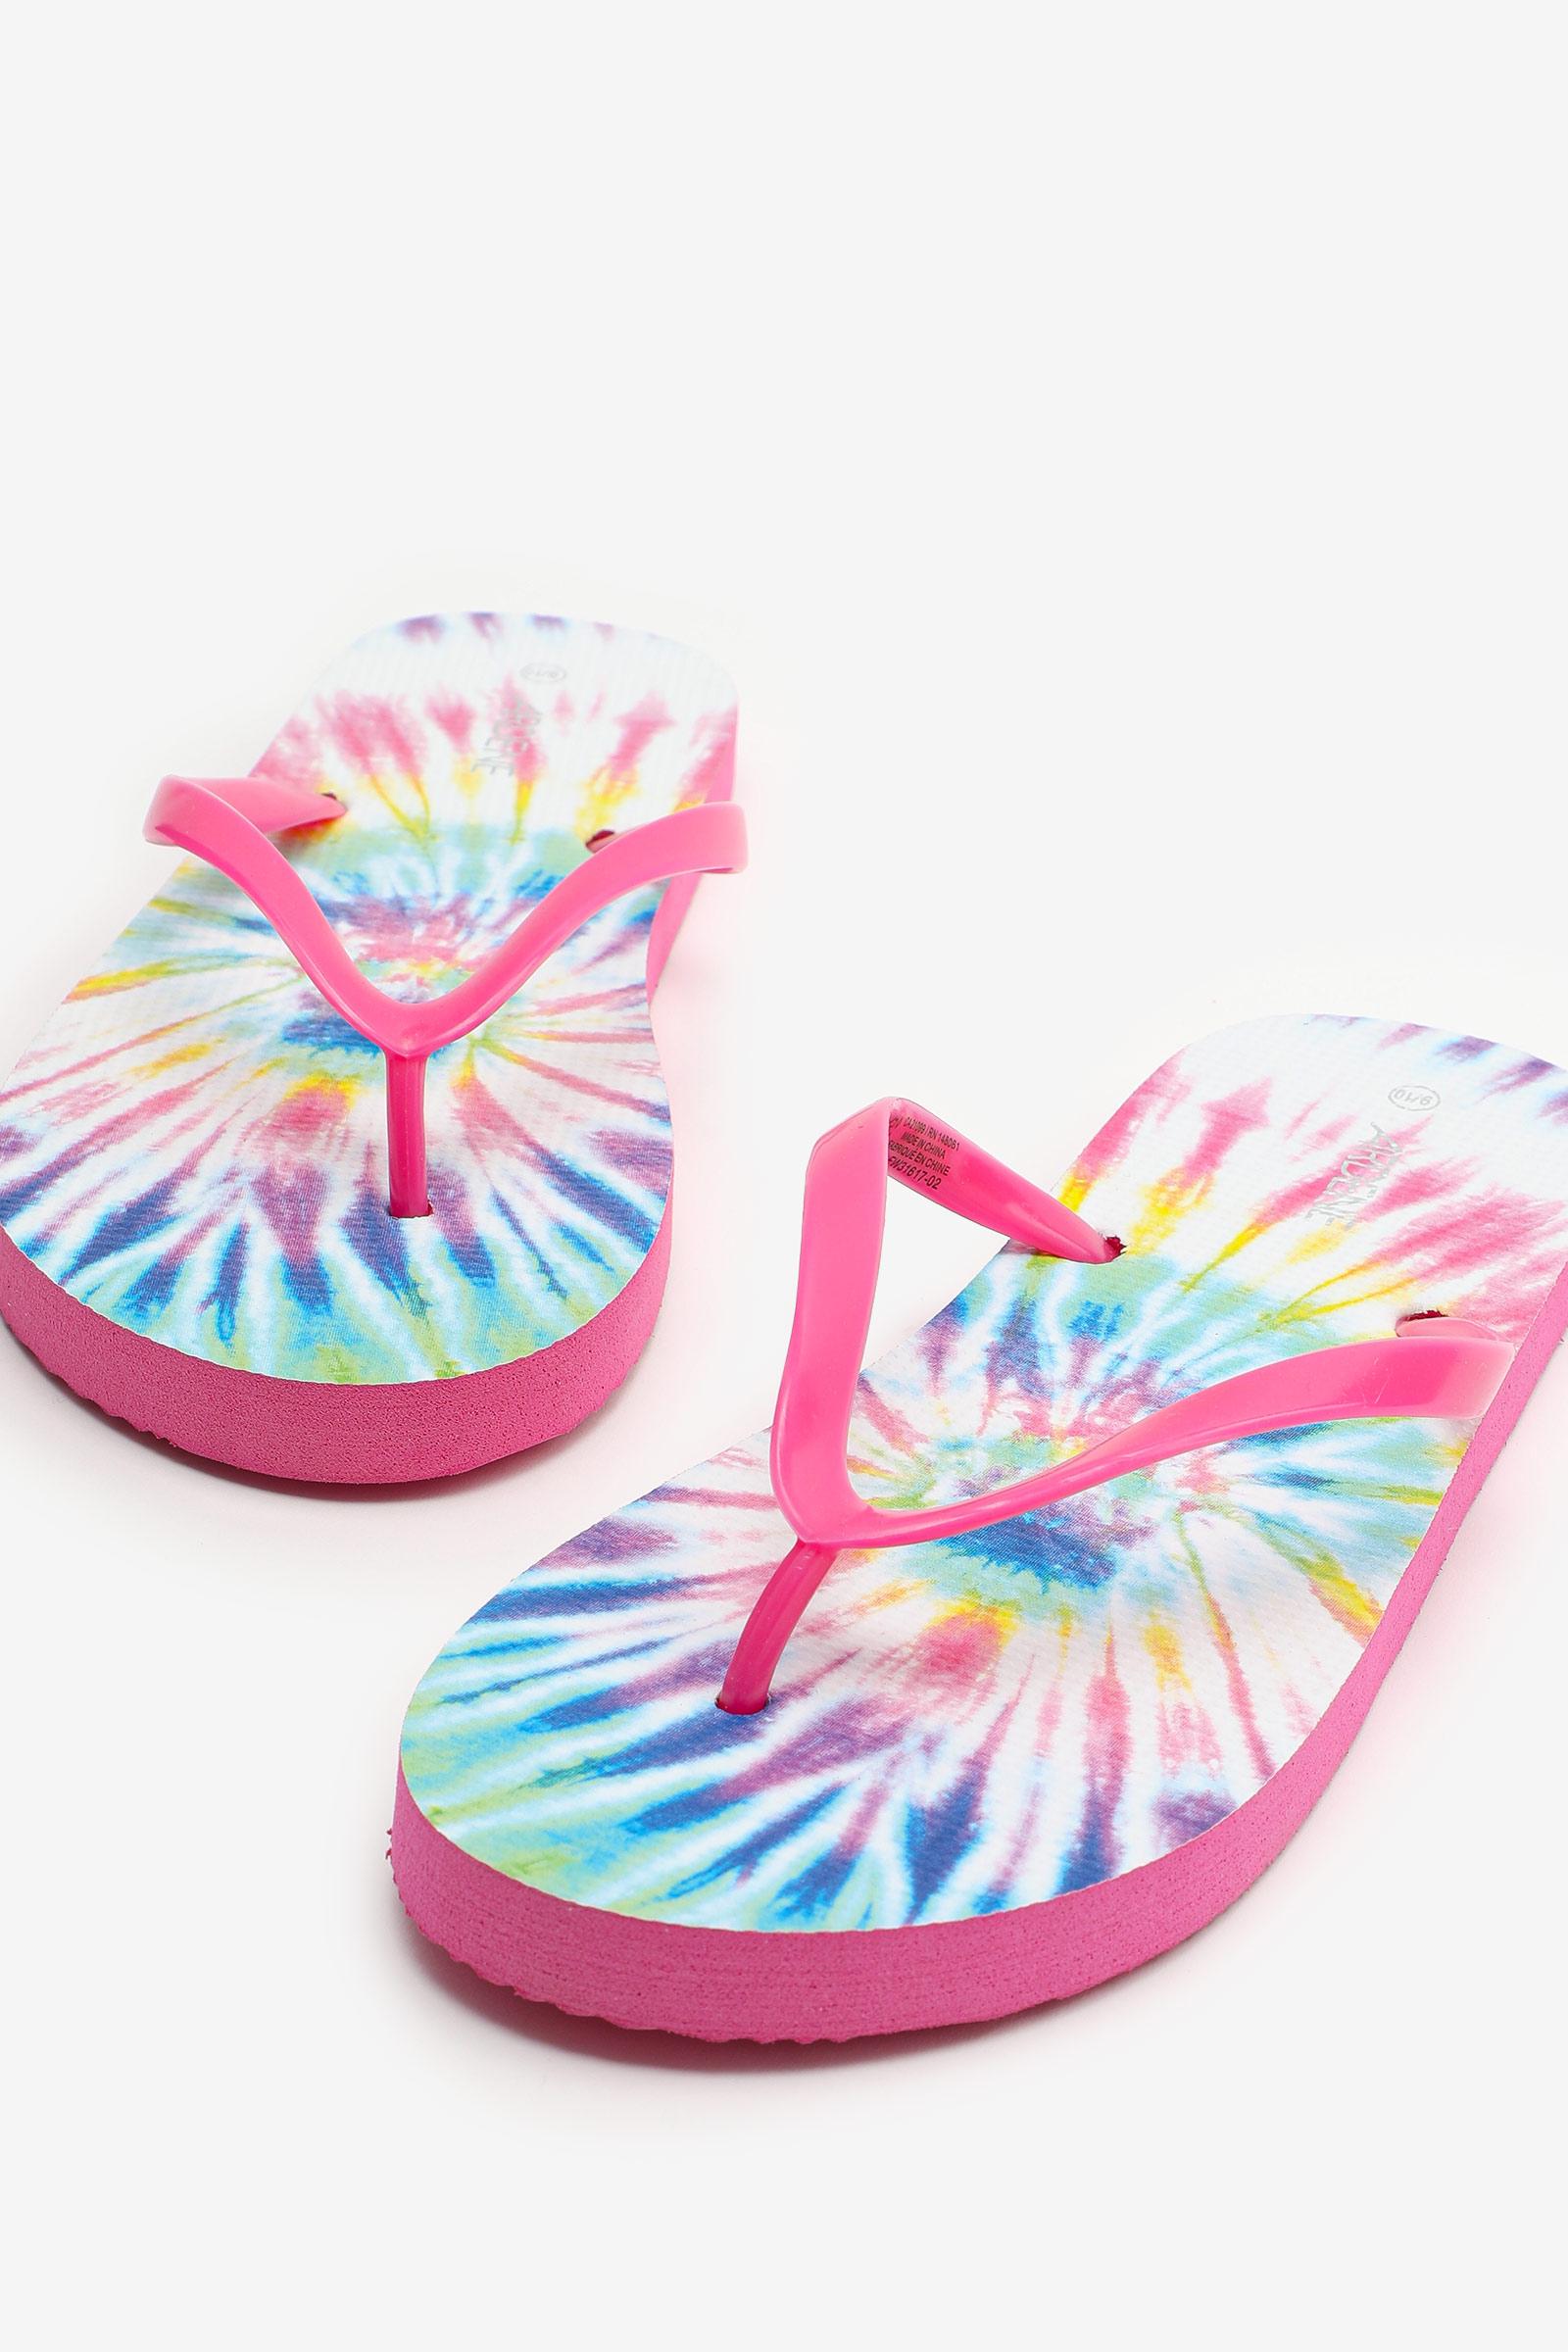 Tie-Dye Flip-Flops